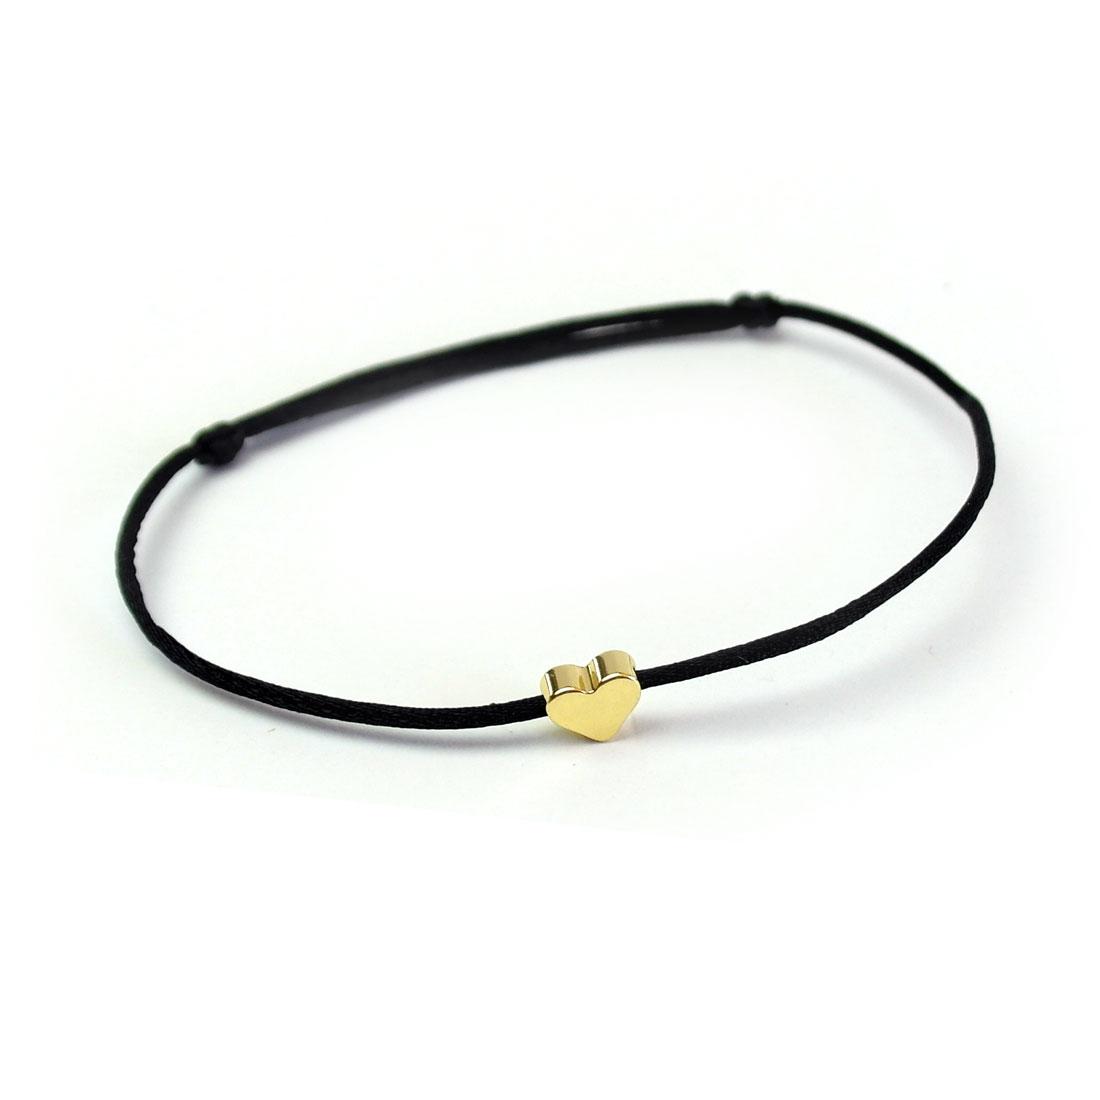 armband schwarz mit herz gold armband onlineshop. Black Bedroom Furniture Sets. Home Design Ideas